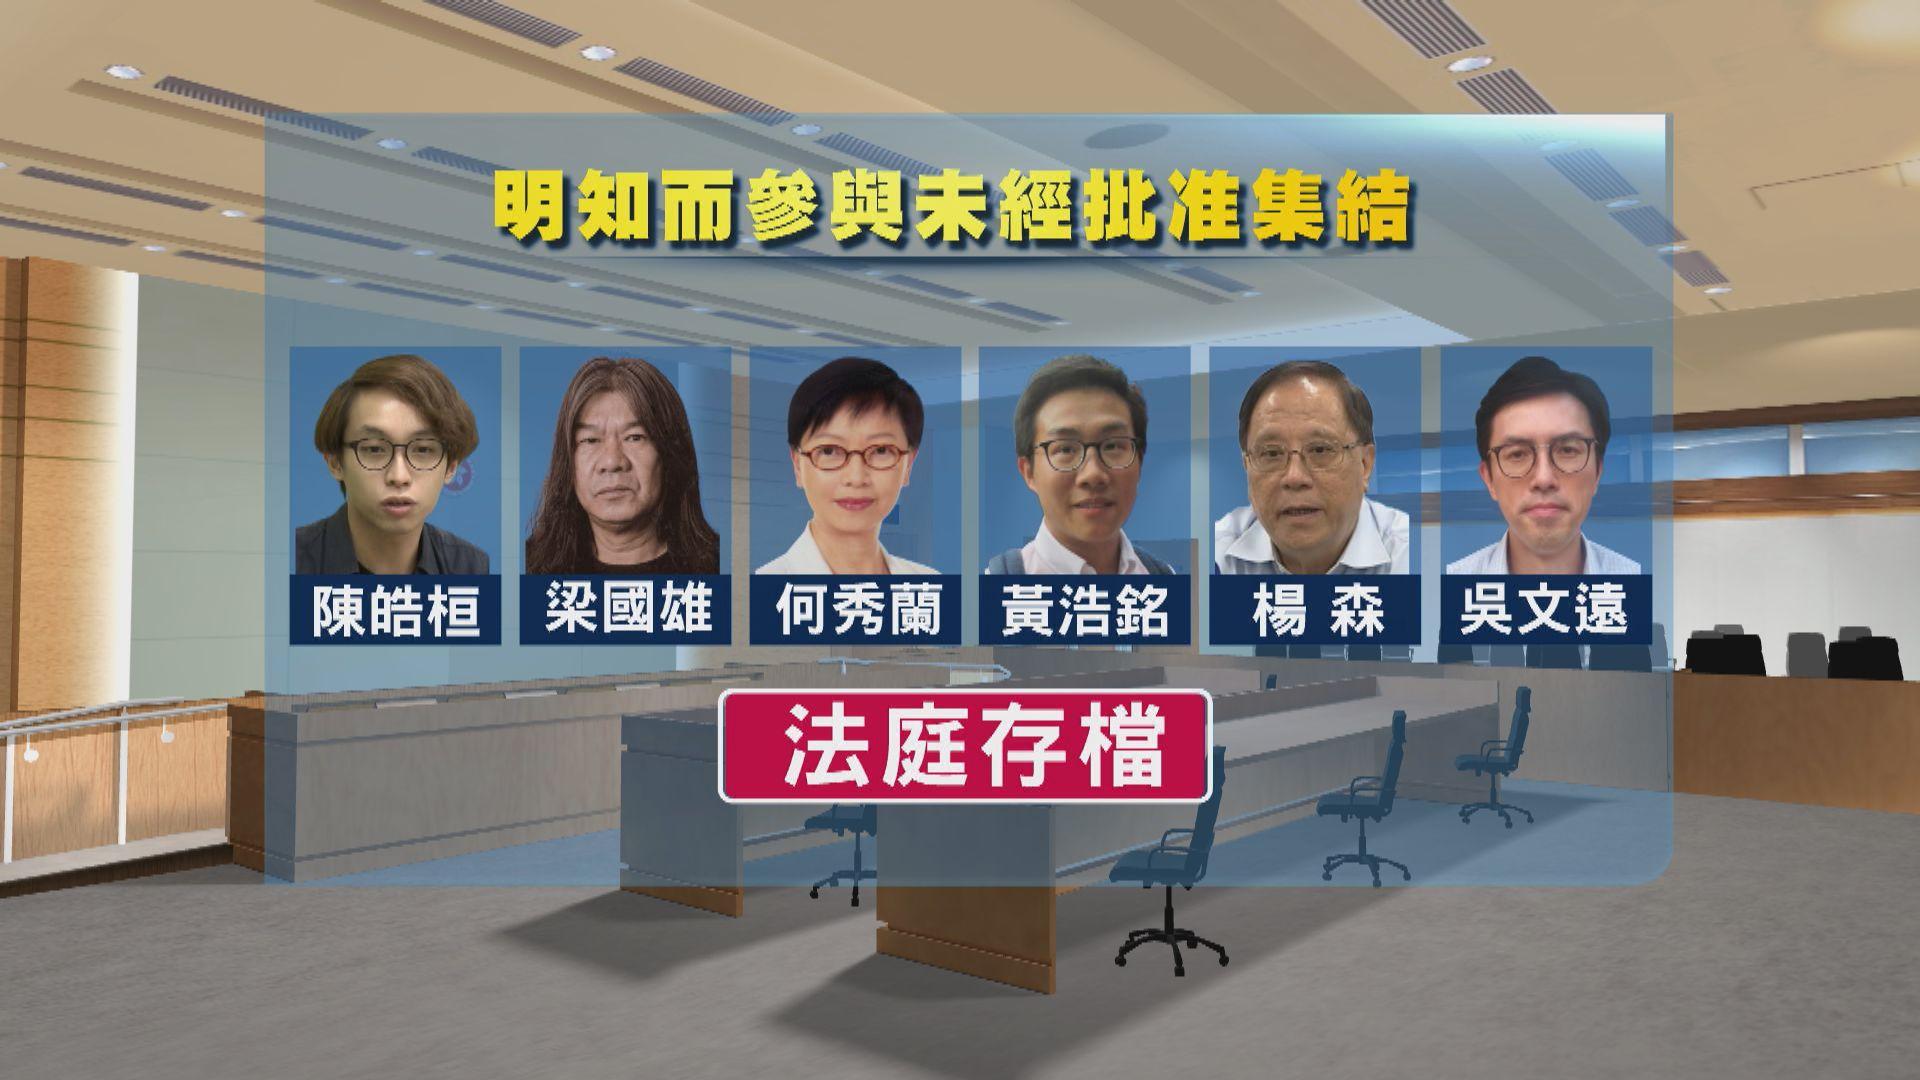 前年九龍遊行案 陳皓桓、梁國雄等七人被控煽惑或組織未經批准集結 七人認罪